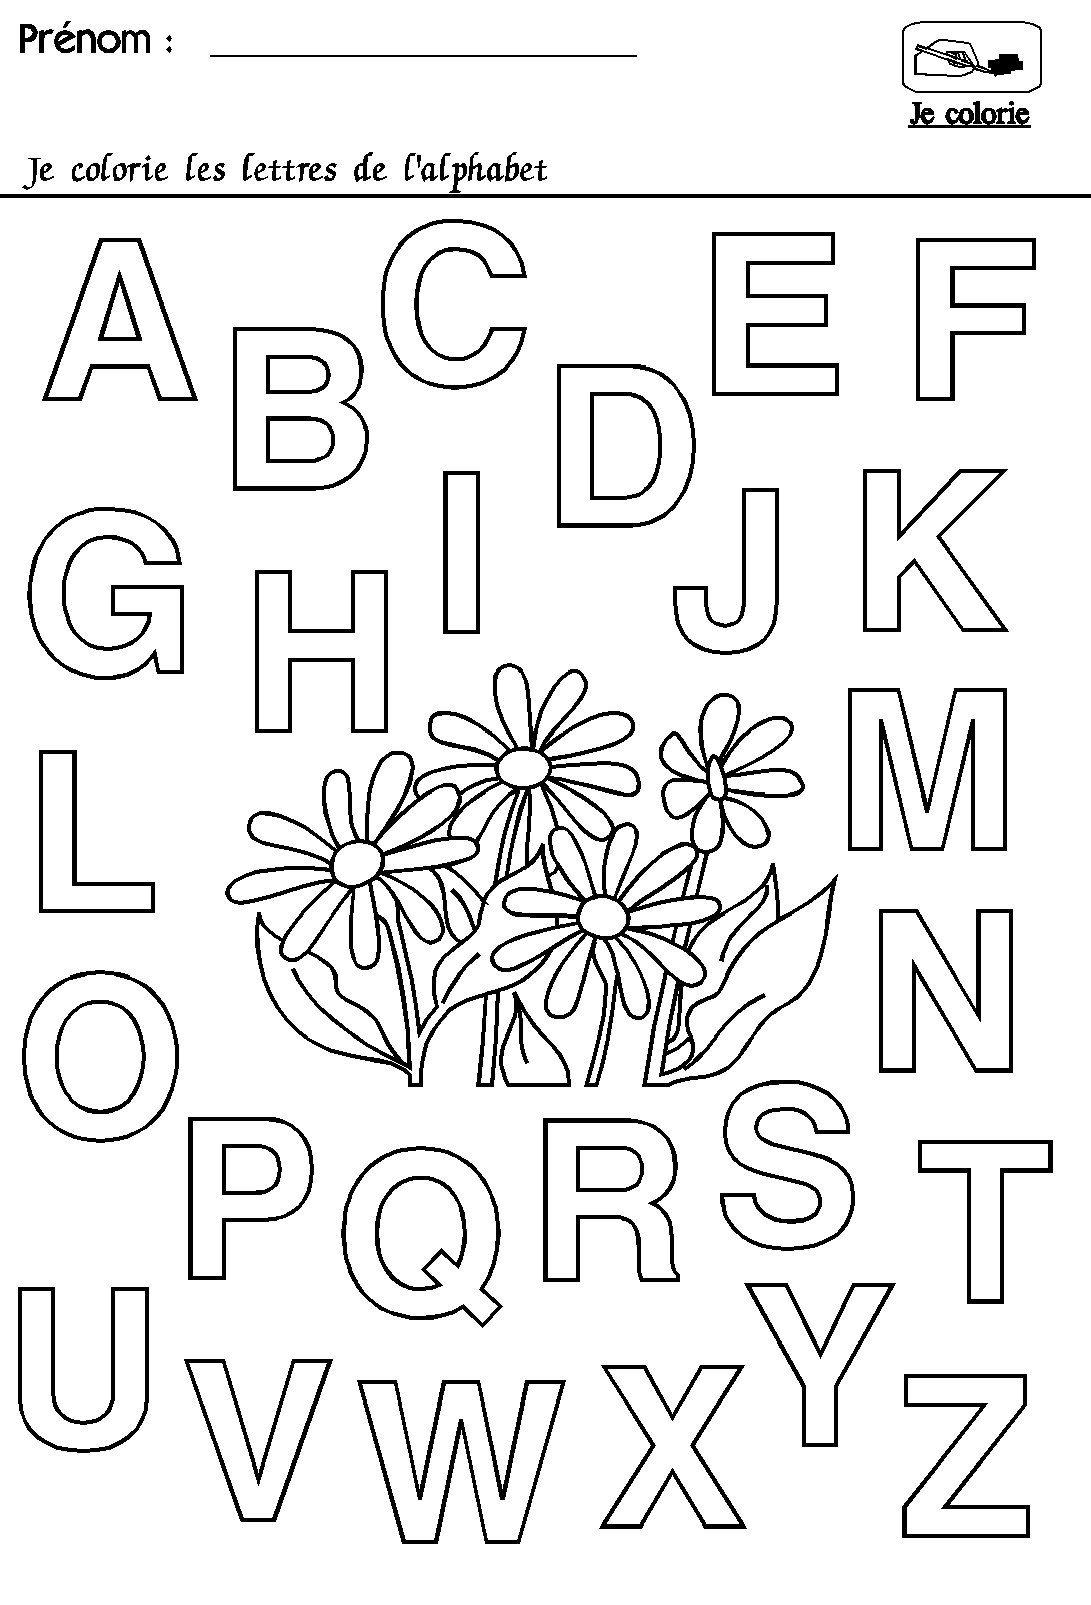 Maternelle Rentrée Des Classes : L'alphabet | Alphabet À pour Alphabet À Colorier Maternelle